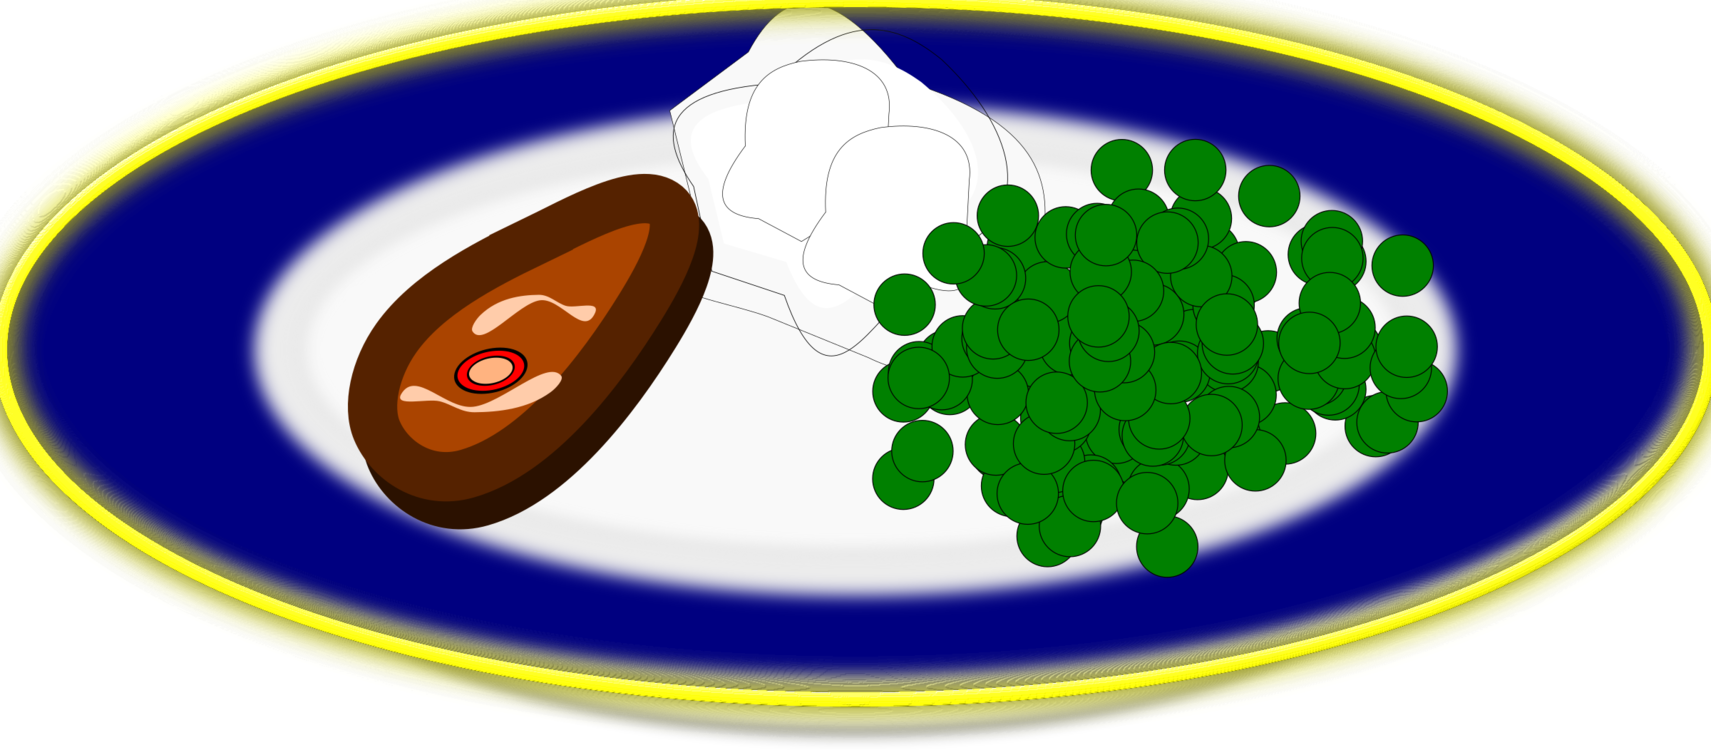 Leaf,Green,Circle